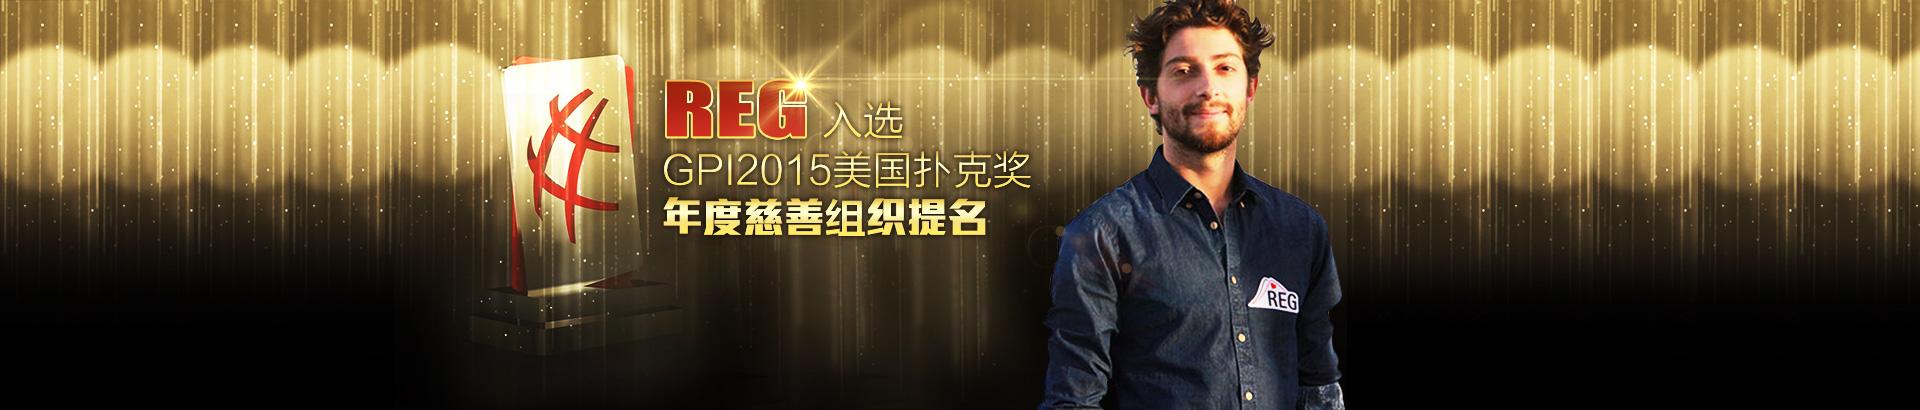 """REG入选GPI2015美国扑克奖""""年度扑克慈善奖""""提名"""